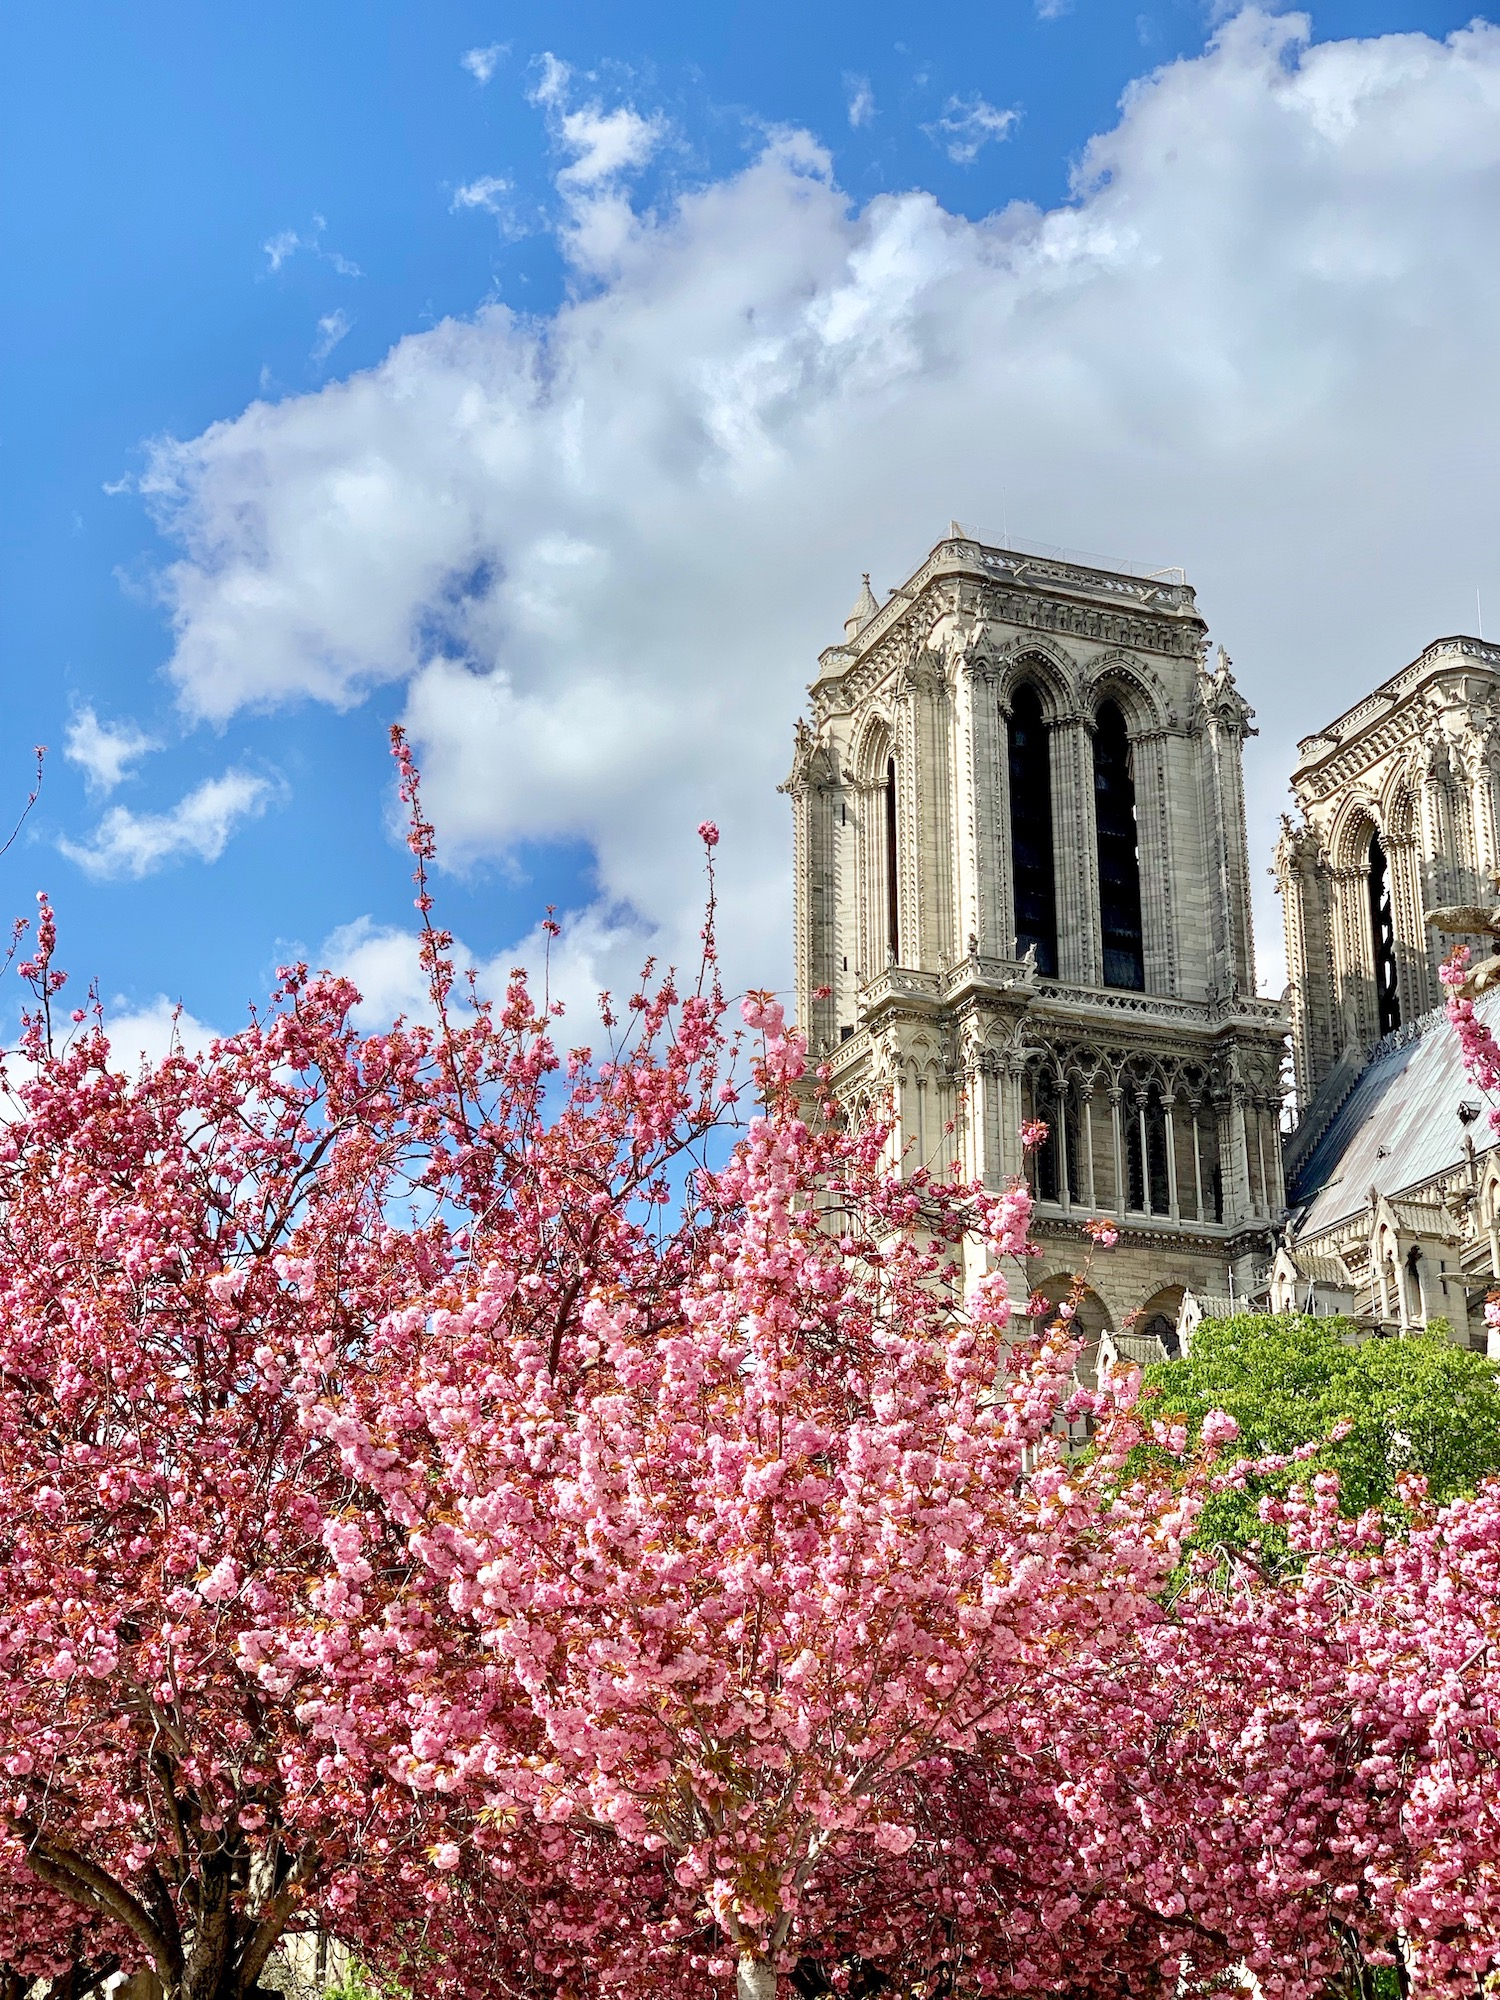 Notre Dame in April 2019